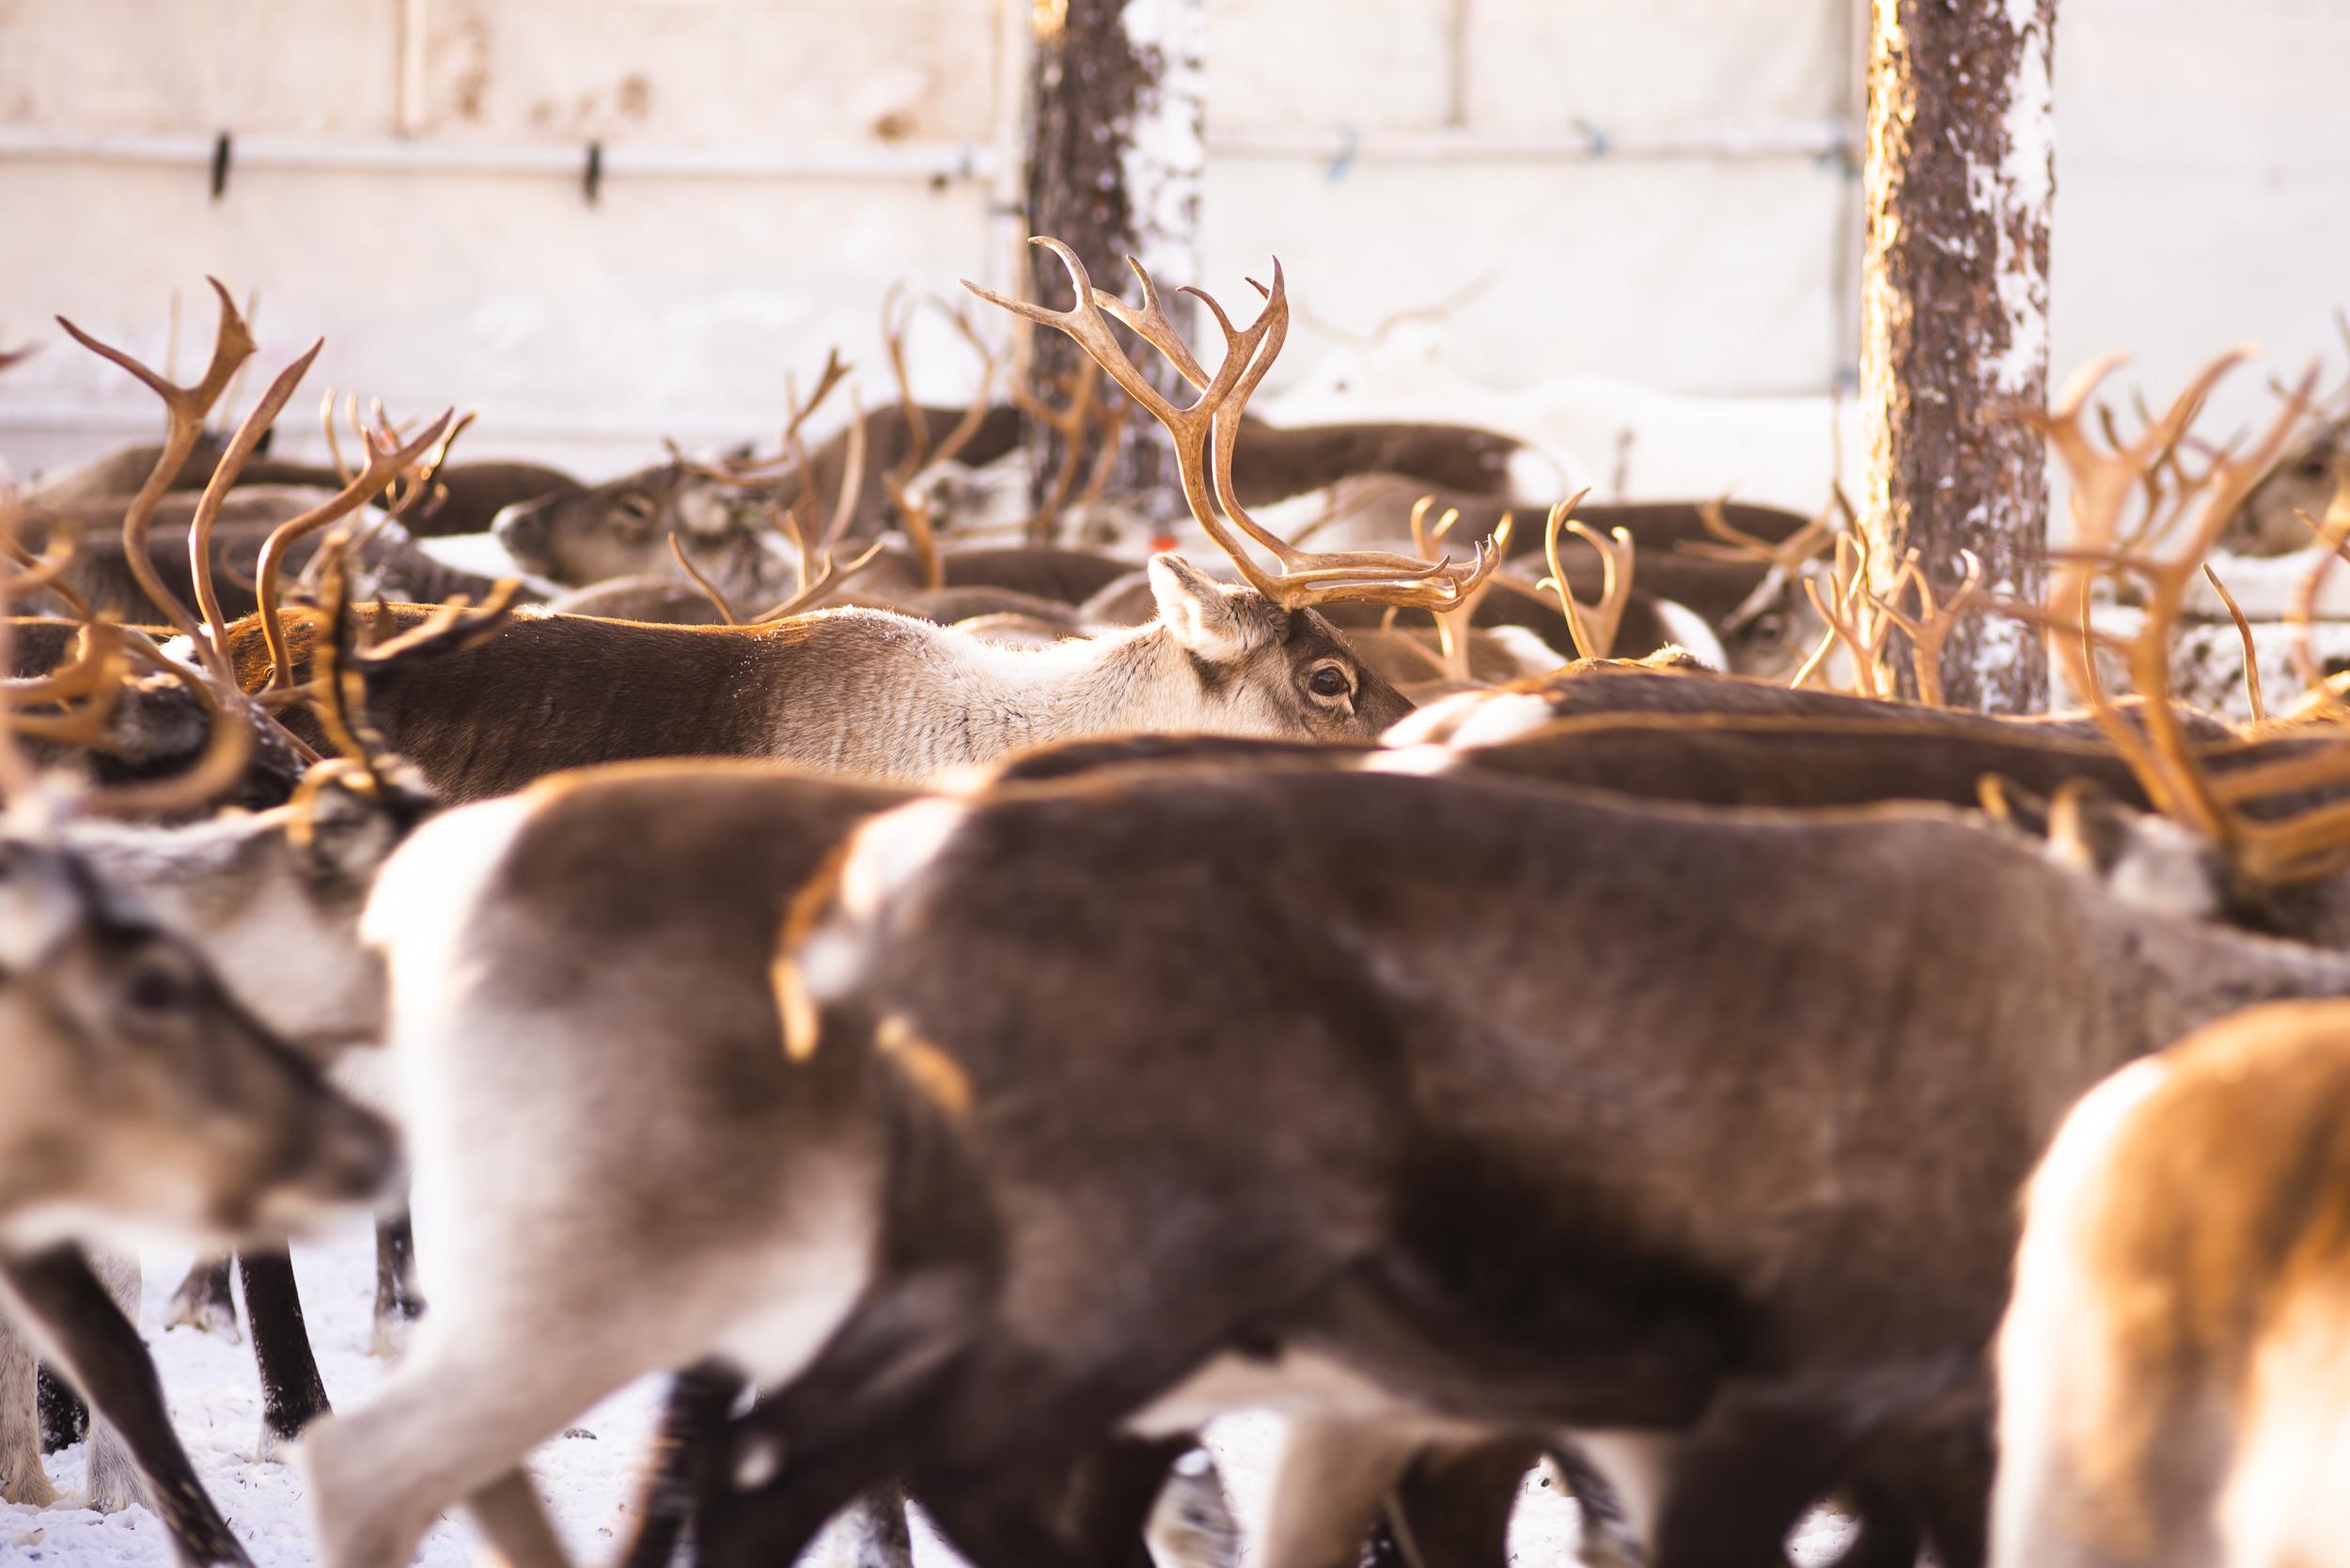 Mäktig syn med alla renar.